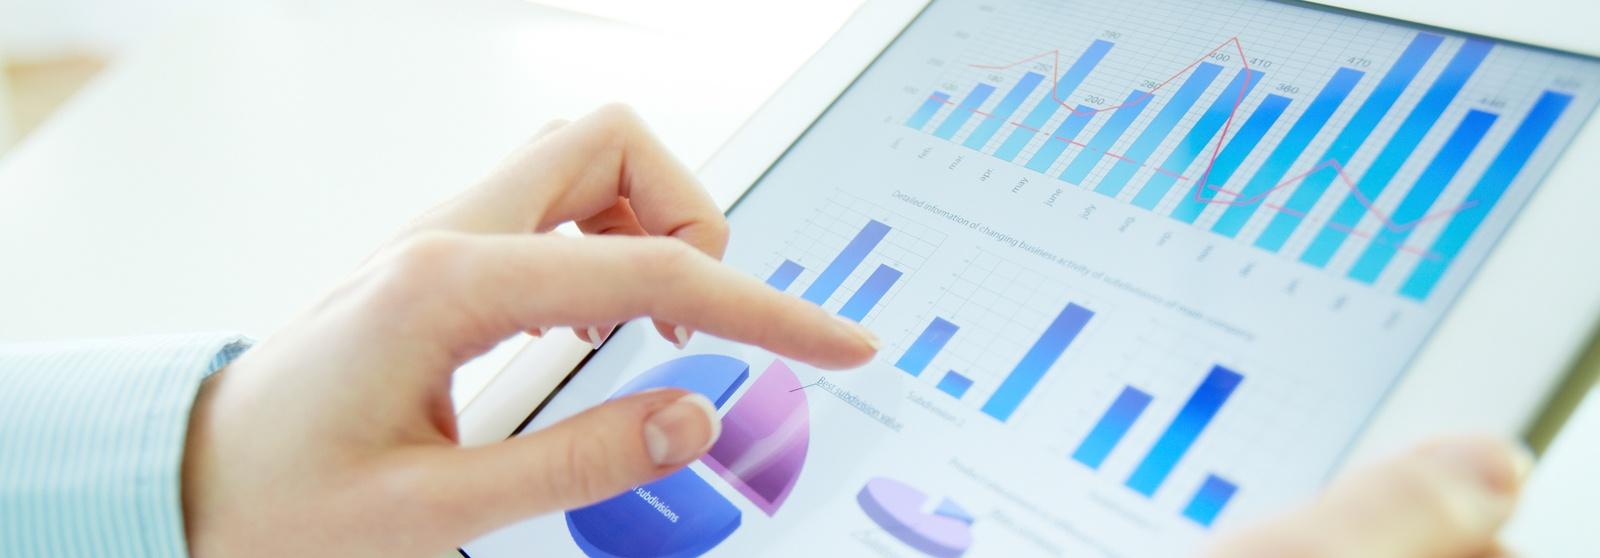 Ultimate Investment Management Platform